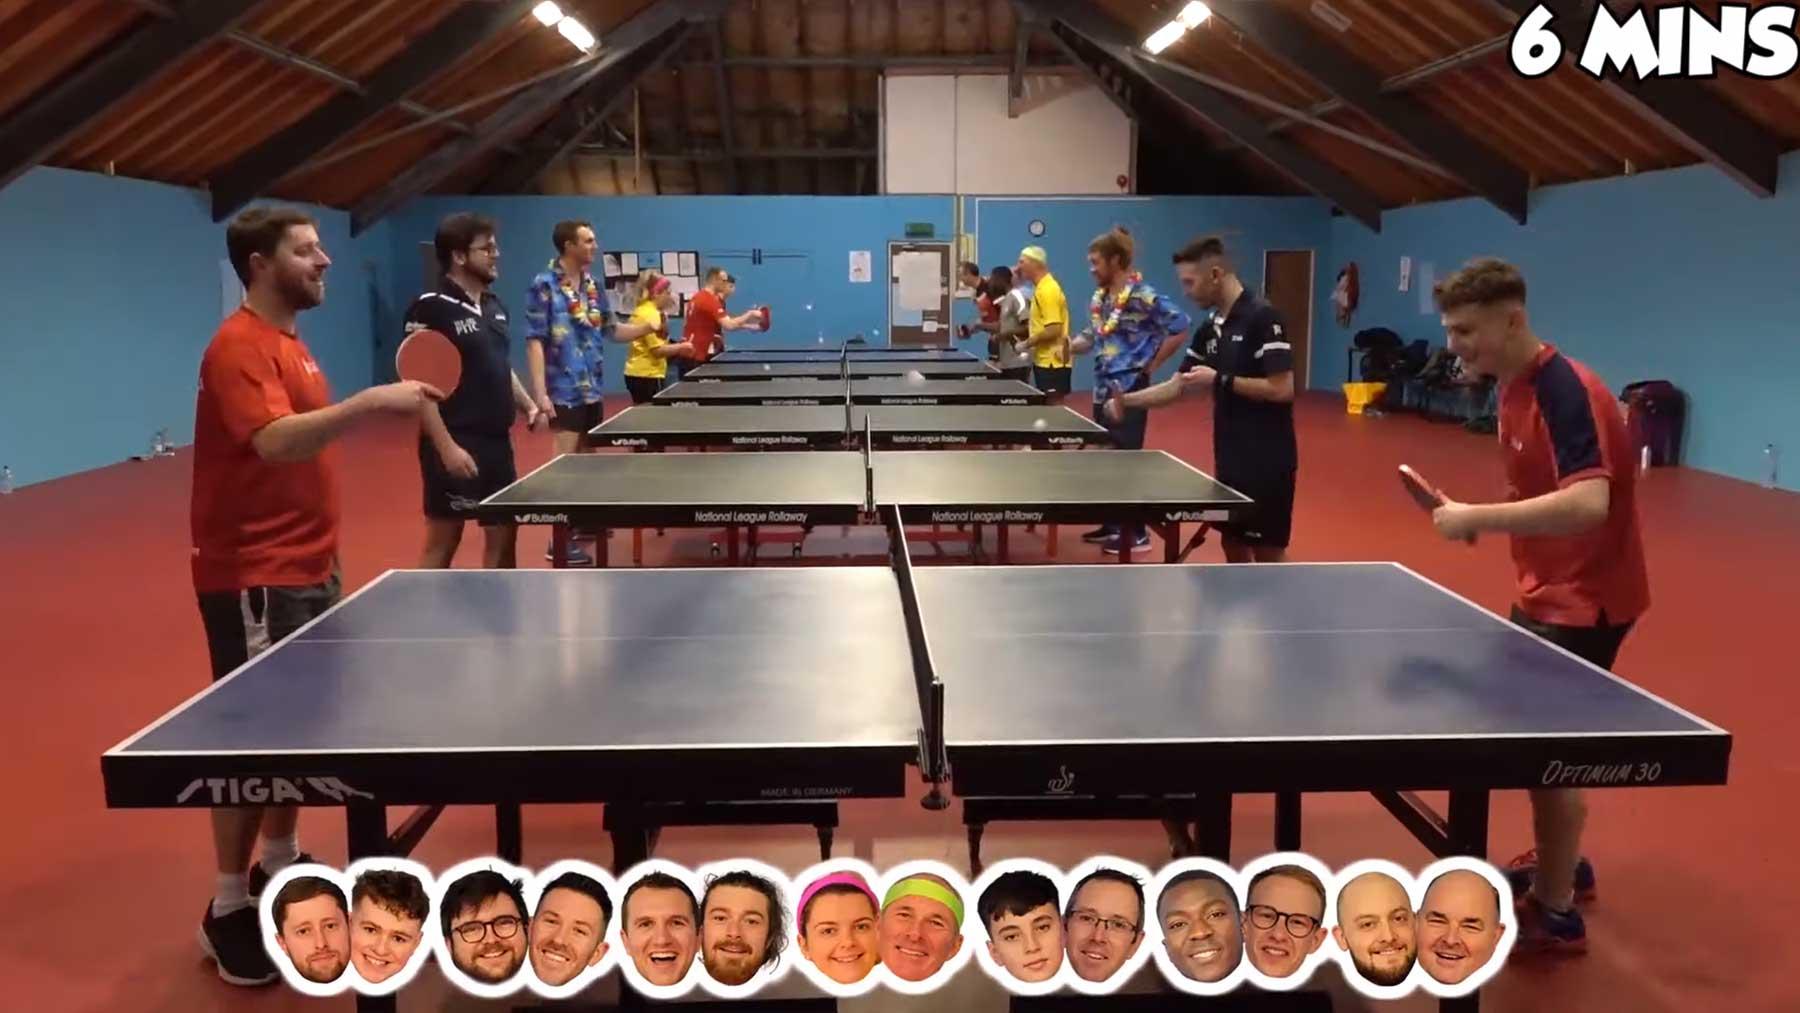 Tischtennis-Team mit längstem Ballwechsel gewinnt 1.000 Pfund